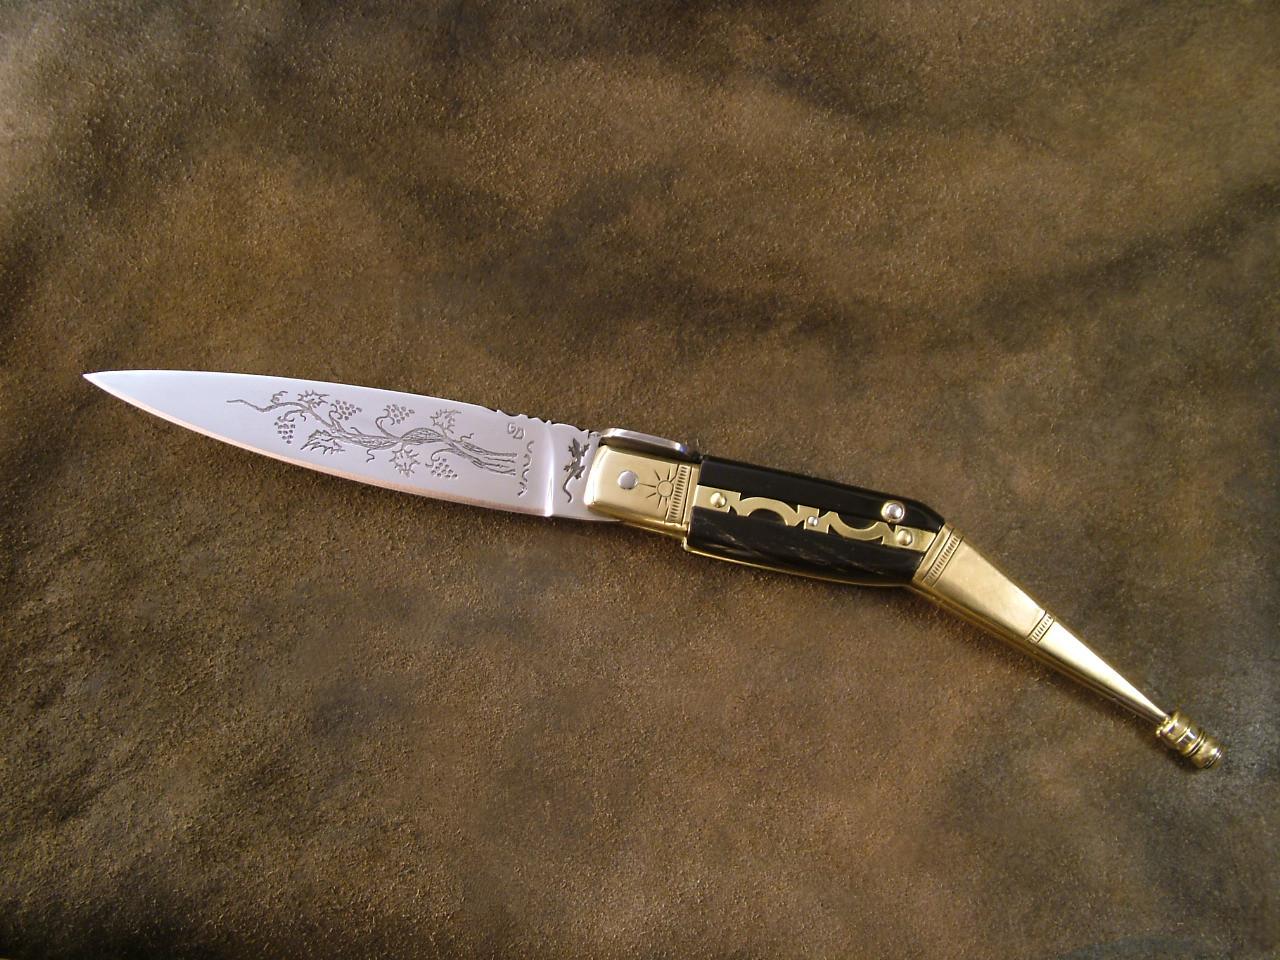 Couteau Catalan, longueur totale 27,7cm, lame 12,5 cm, fermé 15,5 cm. Acier XC75, ressort en Z20C13. Côte en corne de Buffle, platines, mitres et talons en laiton.